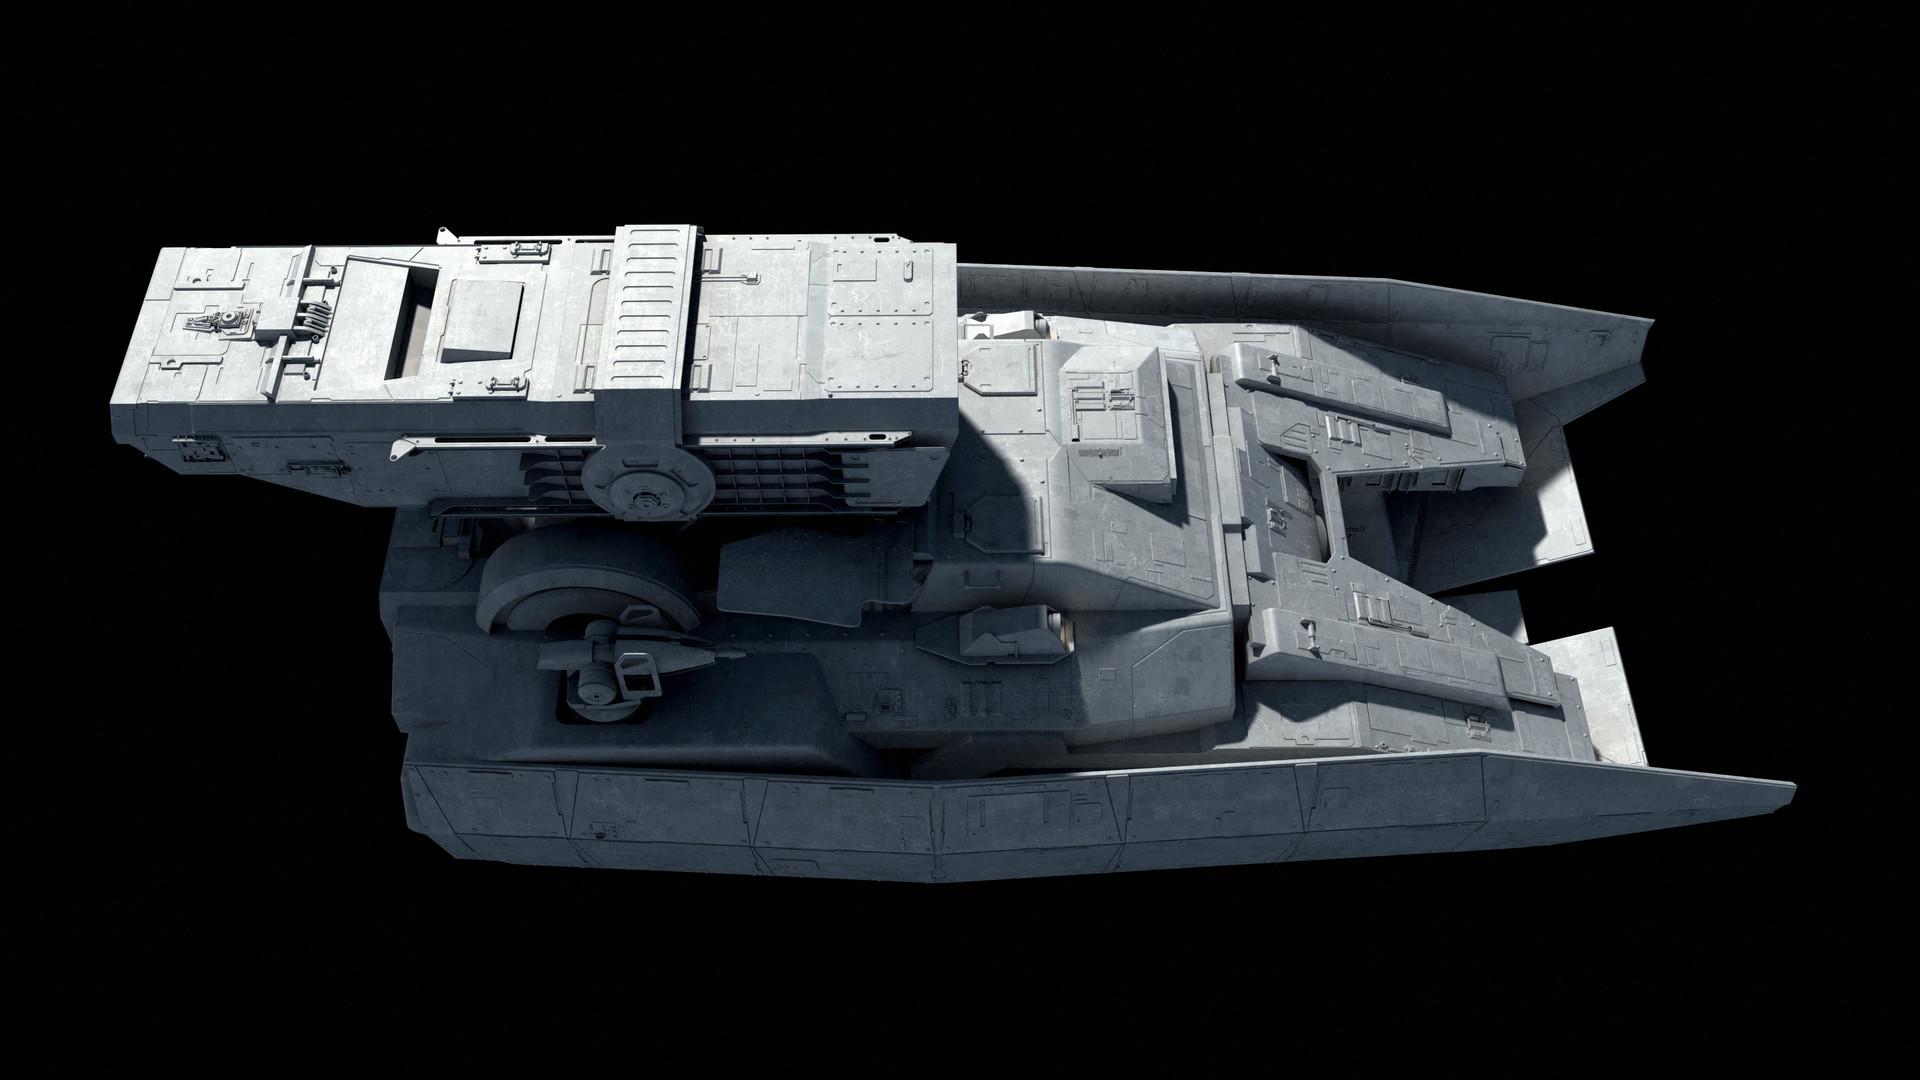 Ansel hsiao tank45